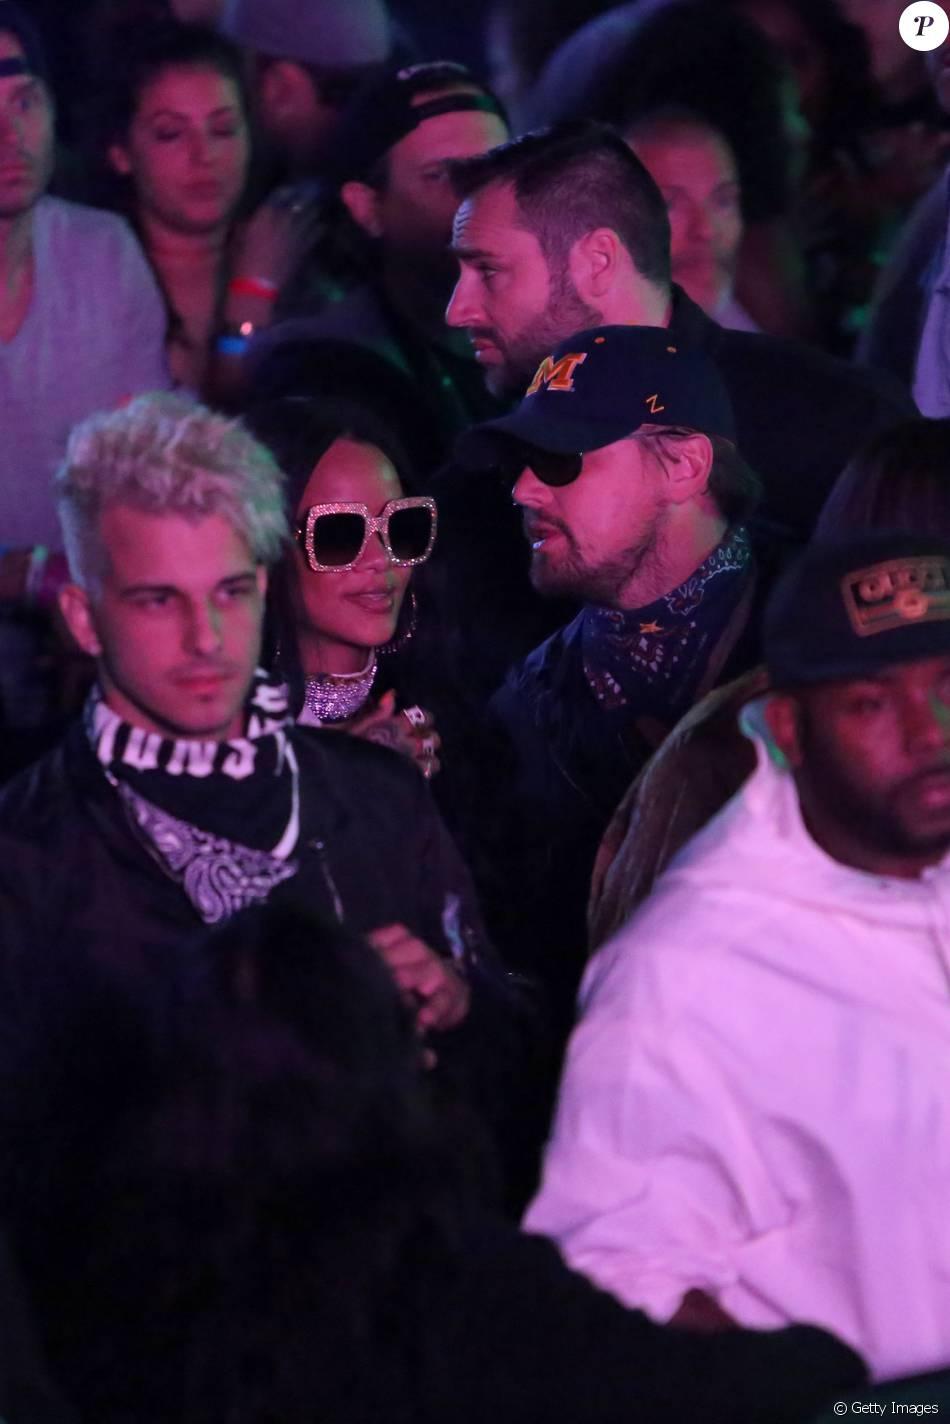 Rihanna e Leonardo DiCaprio são fotografados juntos no Festival Coachella, nos Estados Unidos, neste sábado, 16 de abril de 2016